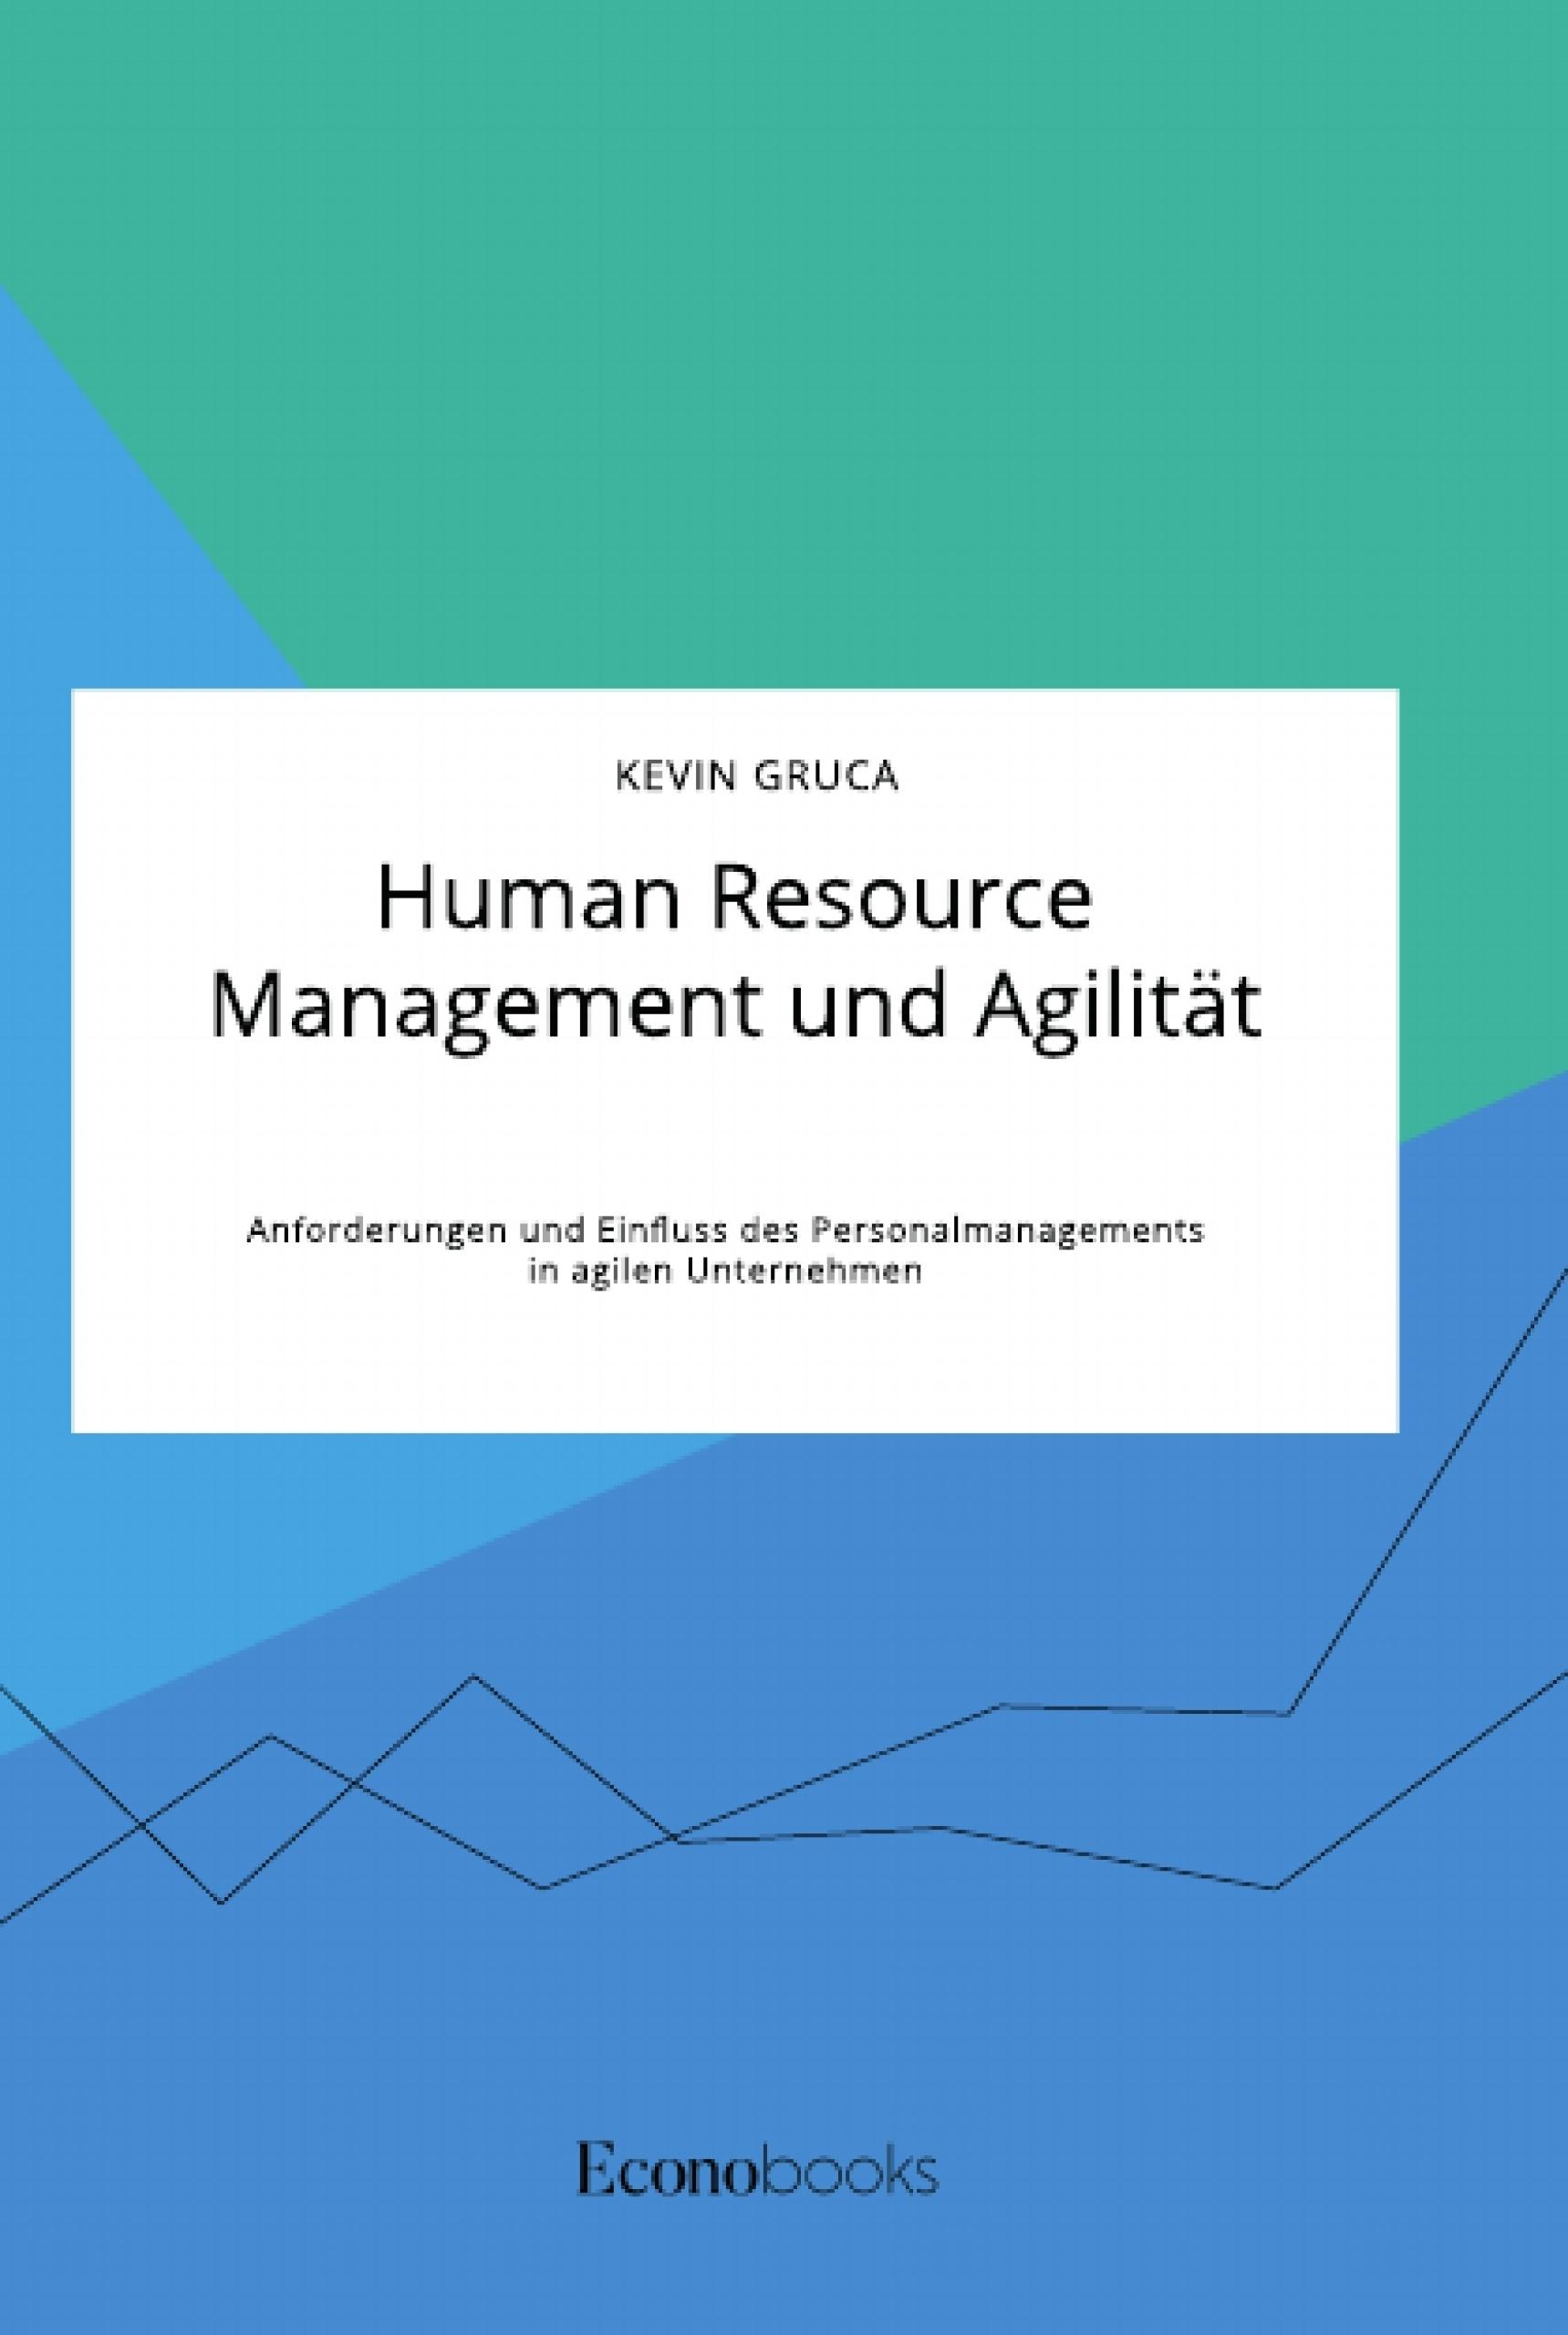 Titel: Human Resource Management und Agilität. Anforderungen und Einfluss des Personalmanagements in agilen Unternehmen